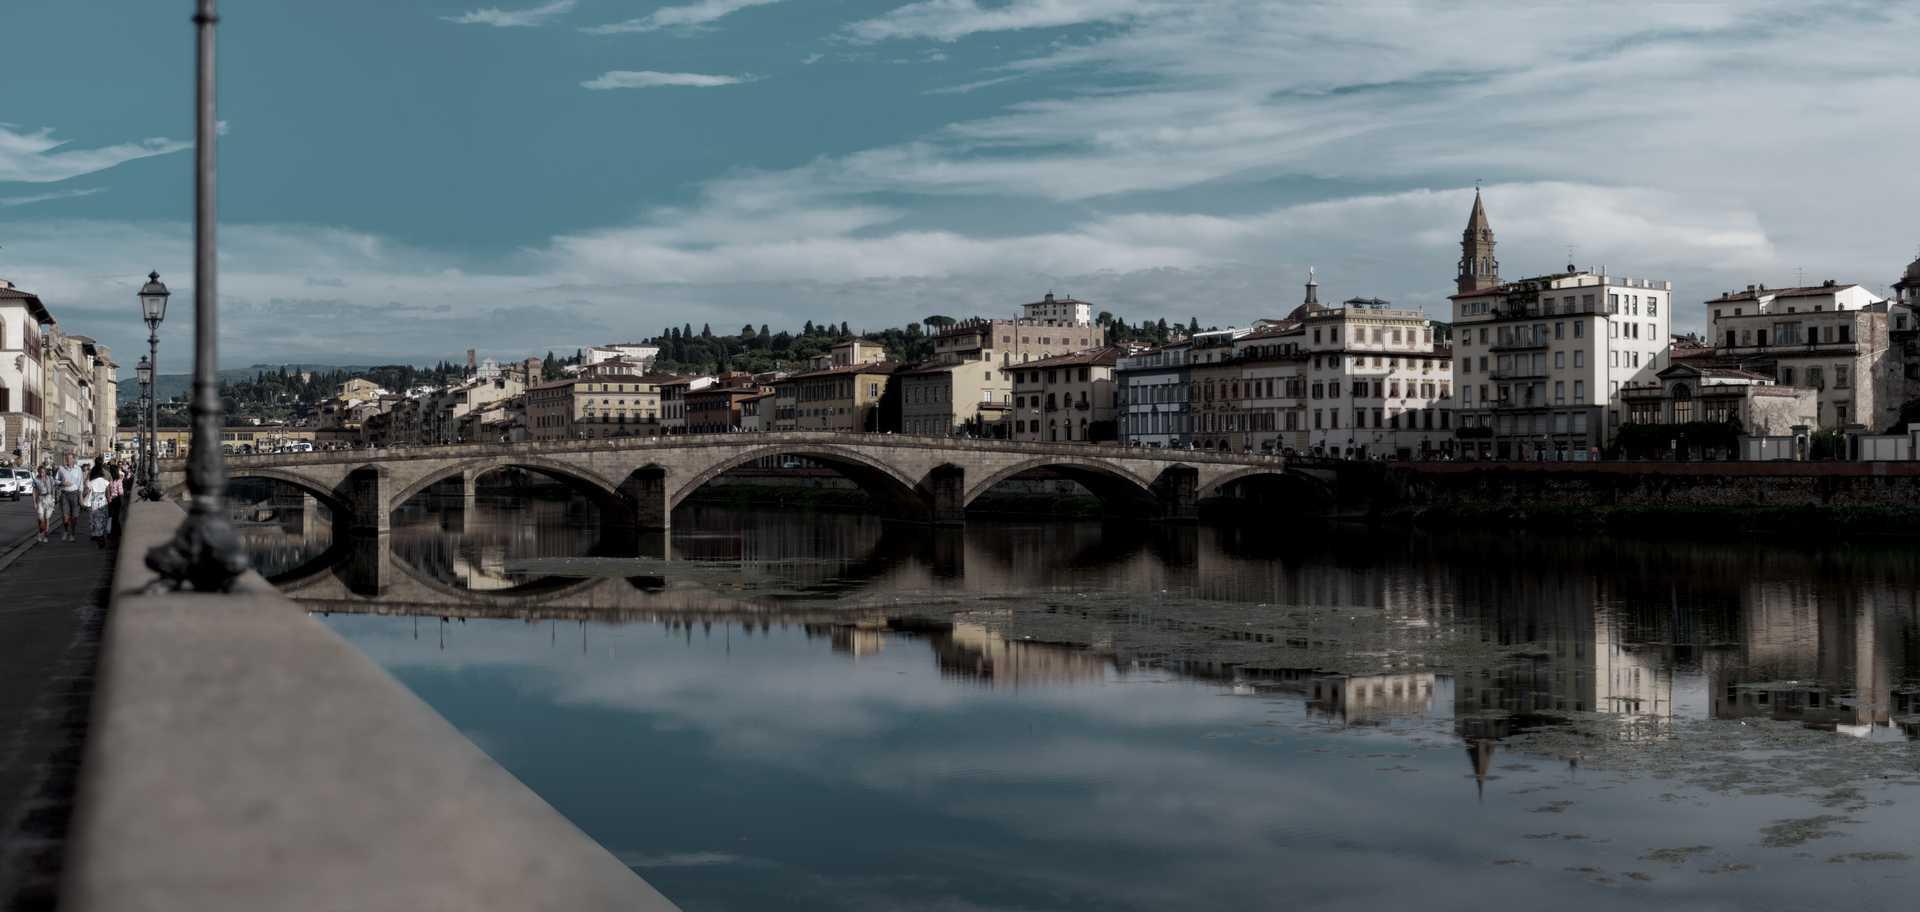 Michele Settembre fotografia in Firenze arno